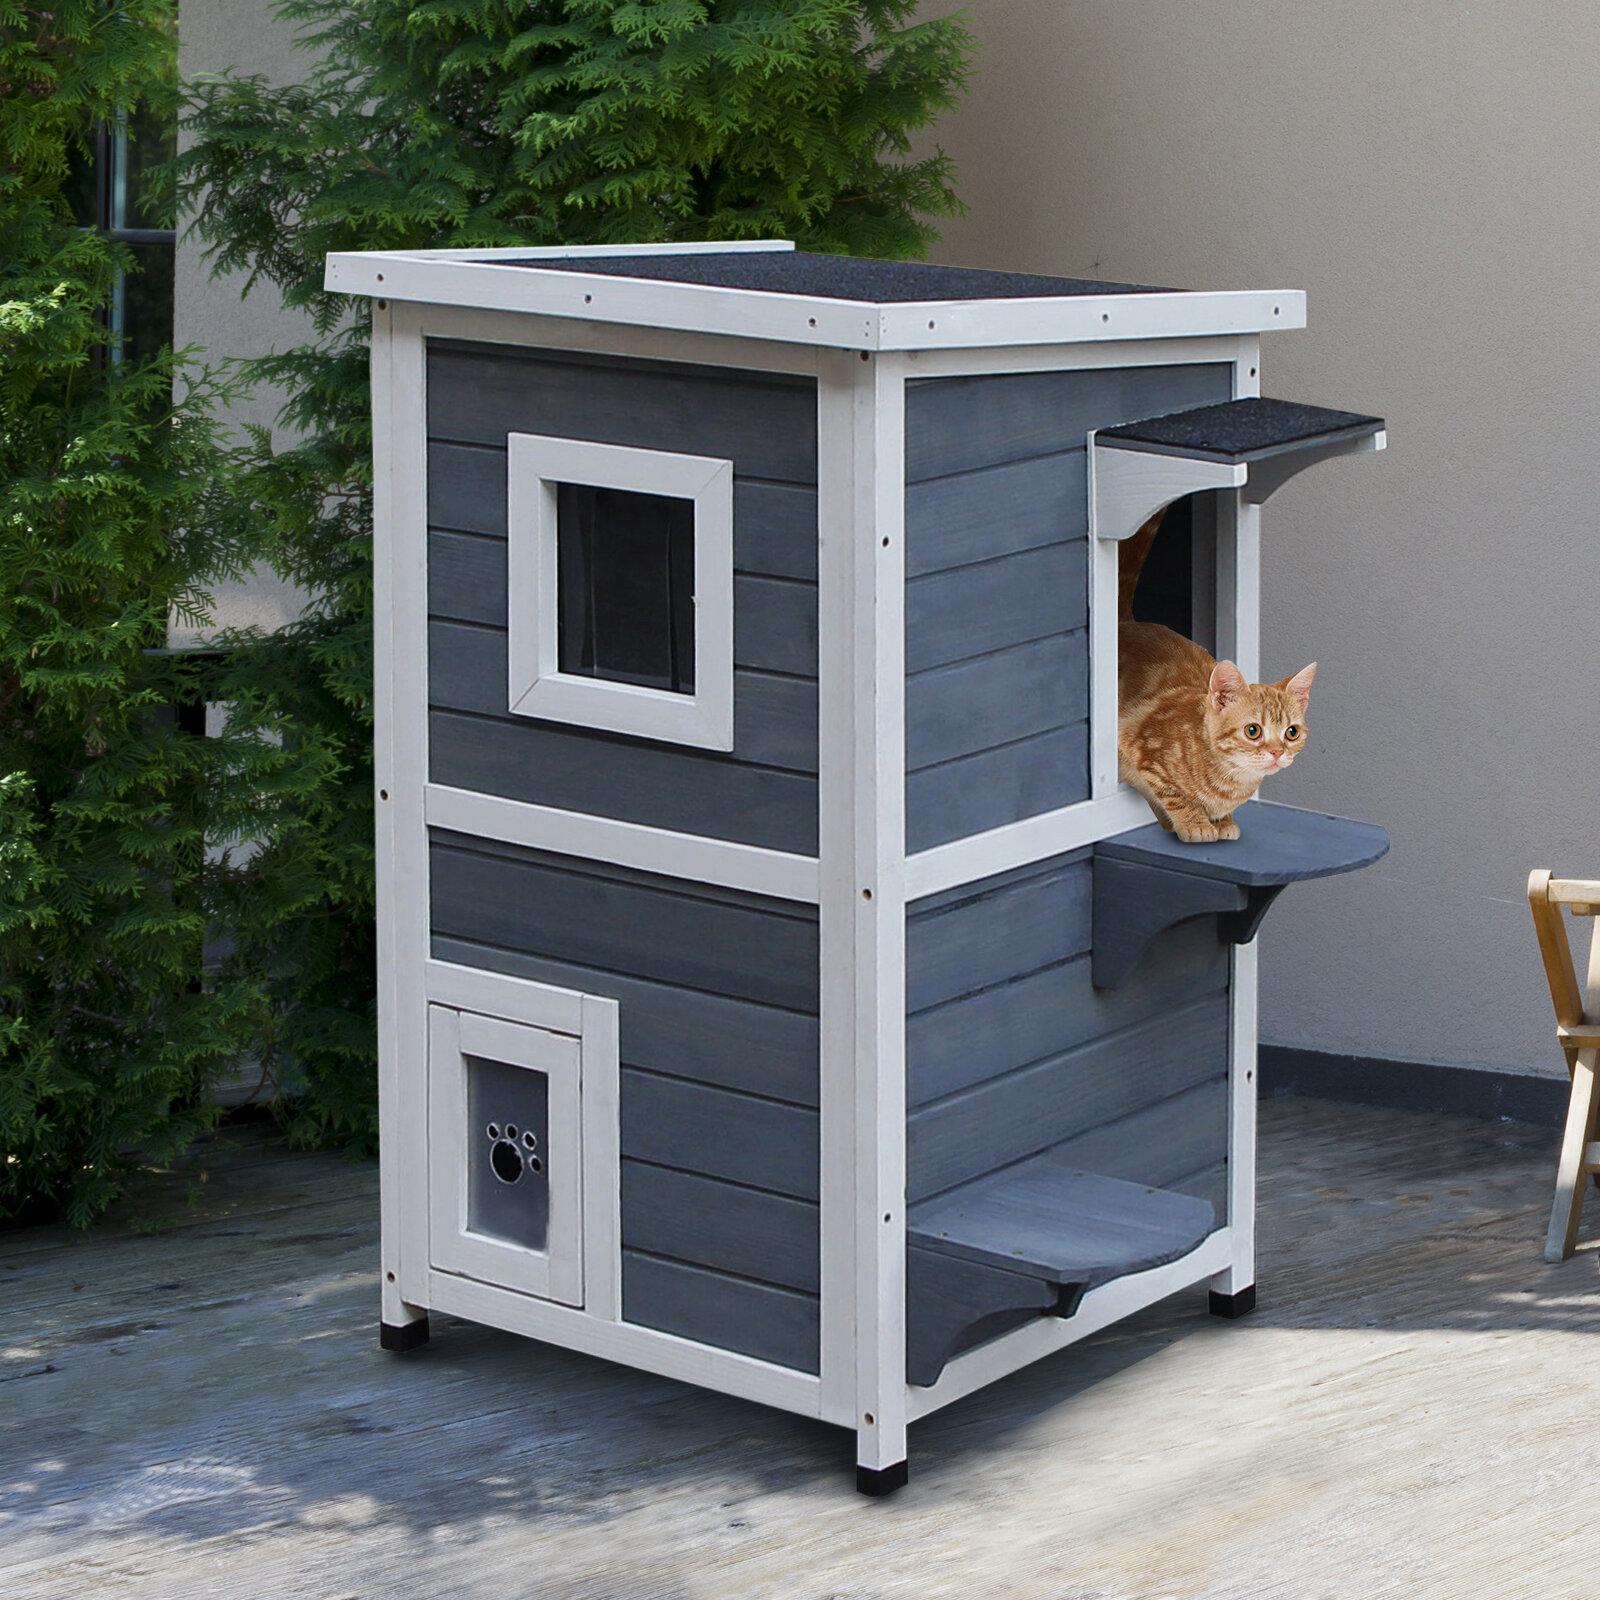 Tucker Murphy Pet Maja Solid Wood 2 Floor Cat House With Windows Reviews Wayfair